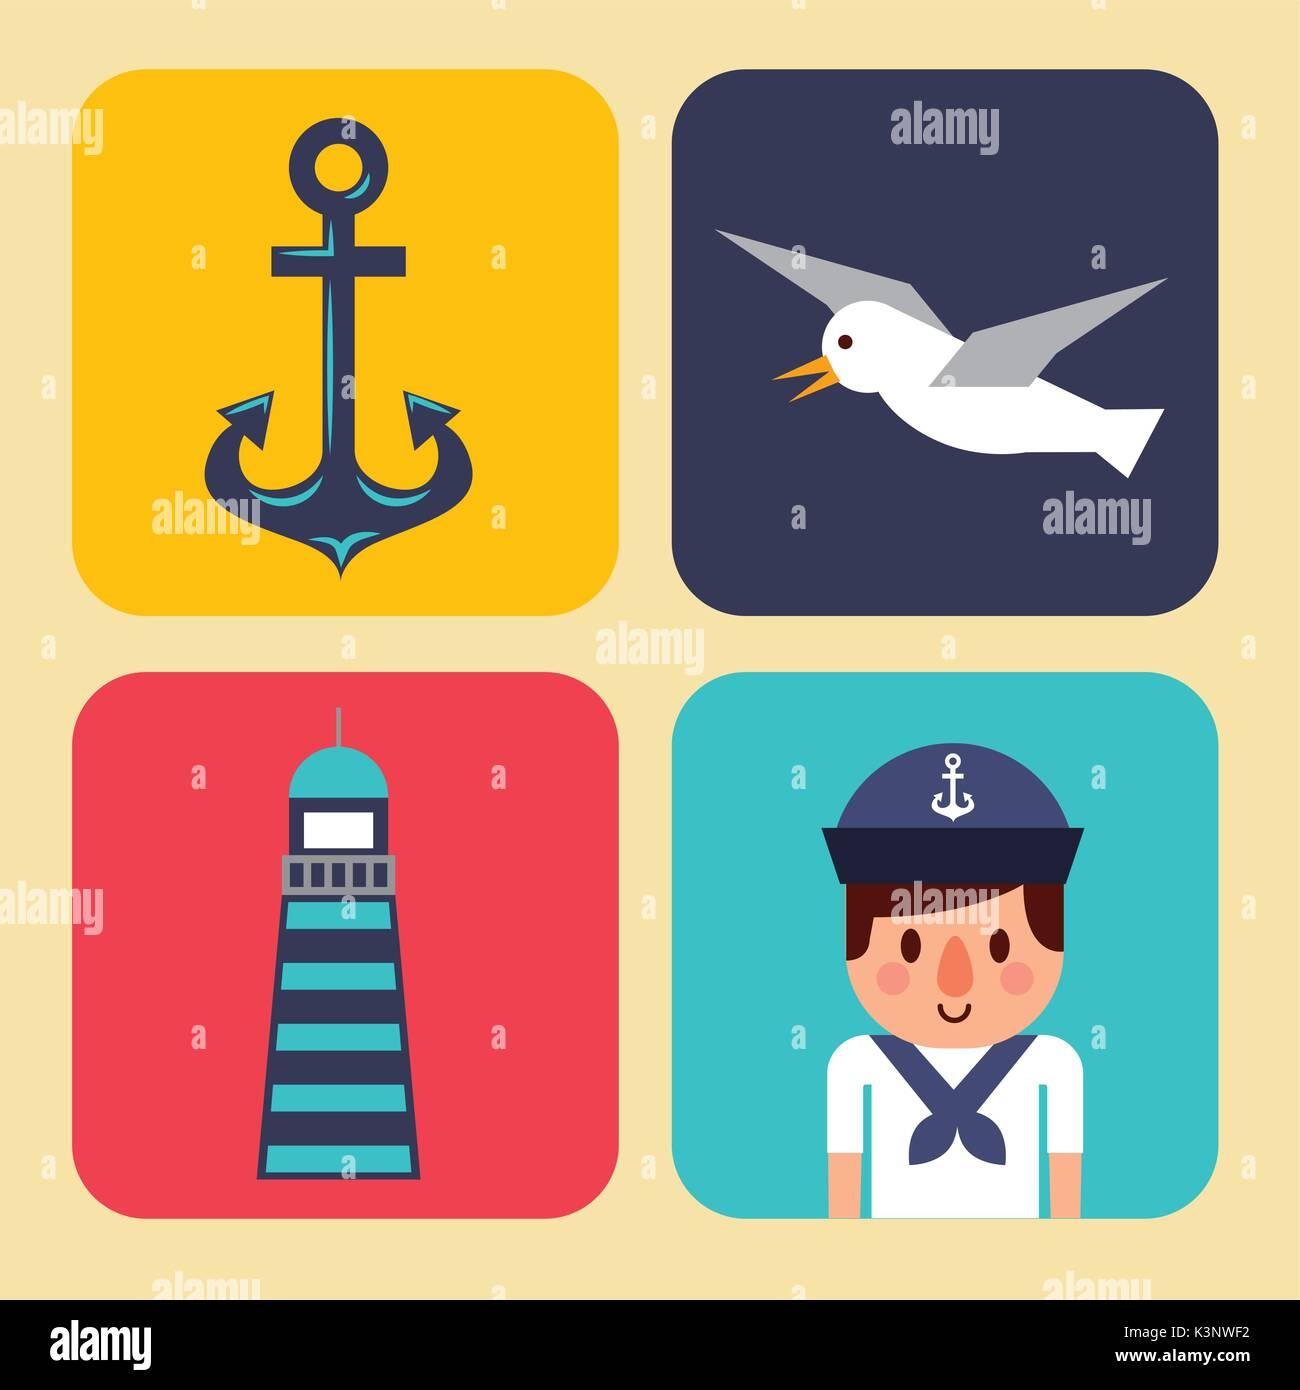 nautical design elements anchor wheel boat fish lifebuoy lighthouse - Stock Image